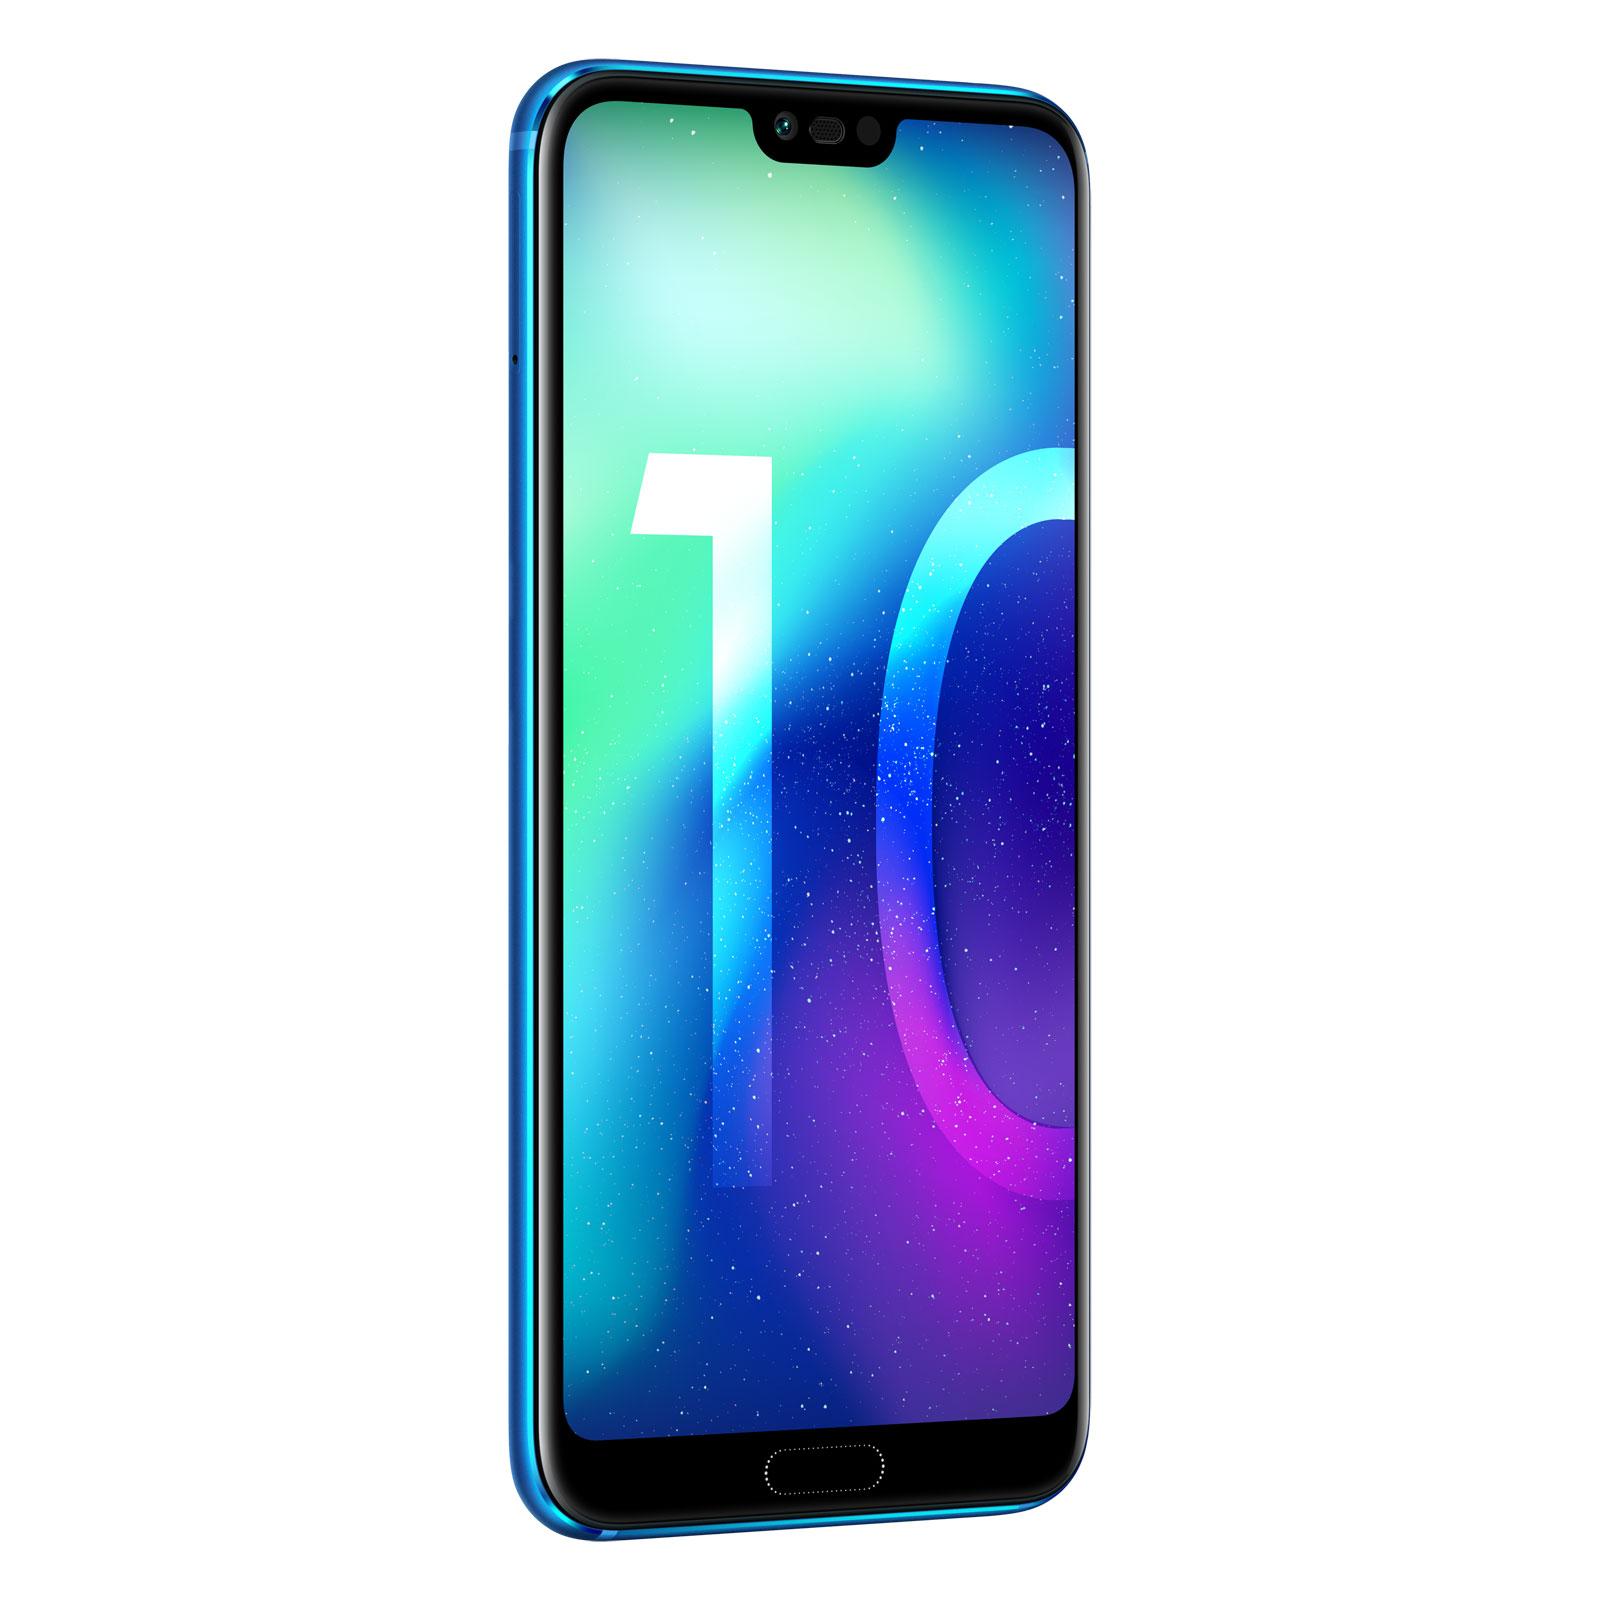 Huawei Honor 10 Bleu 64Go Double Sim - Téléphonie Huawei - 4